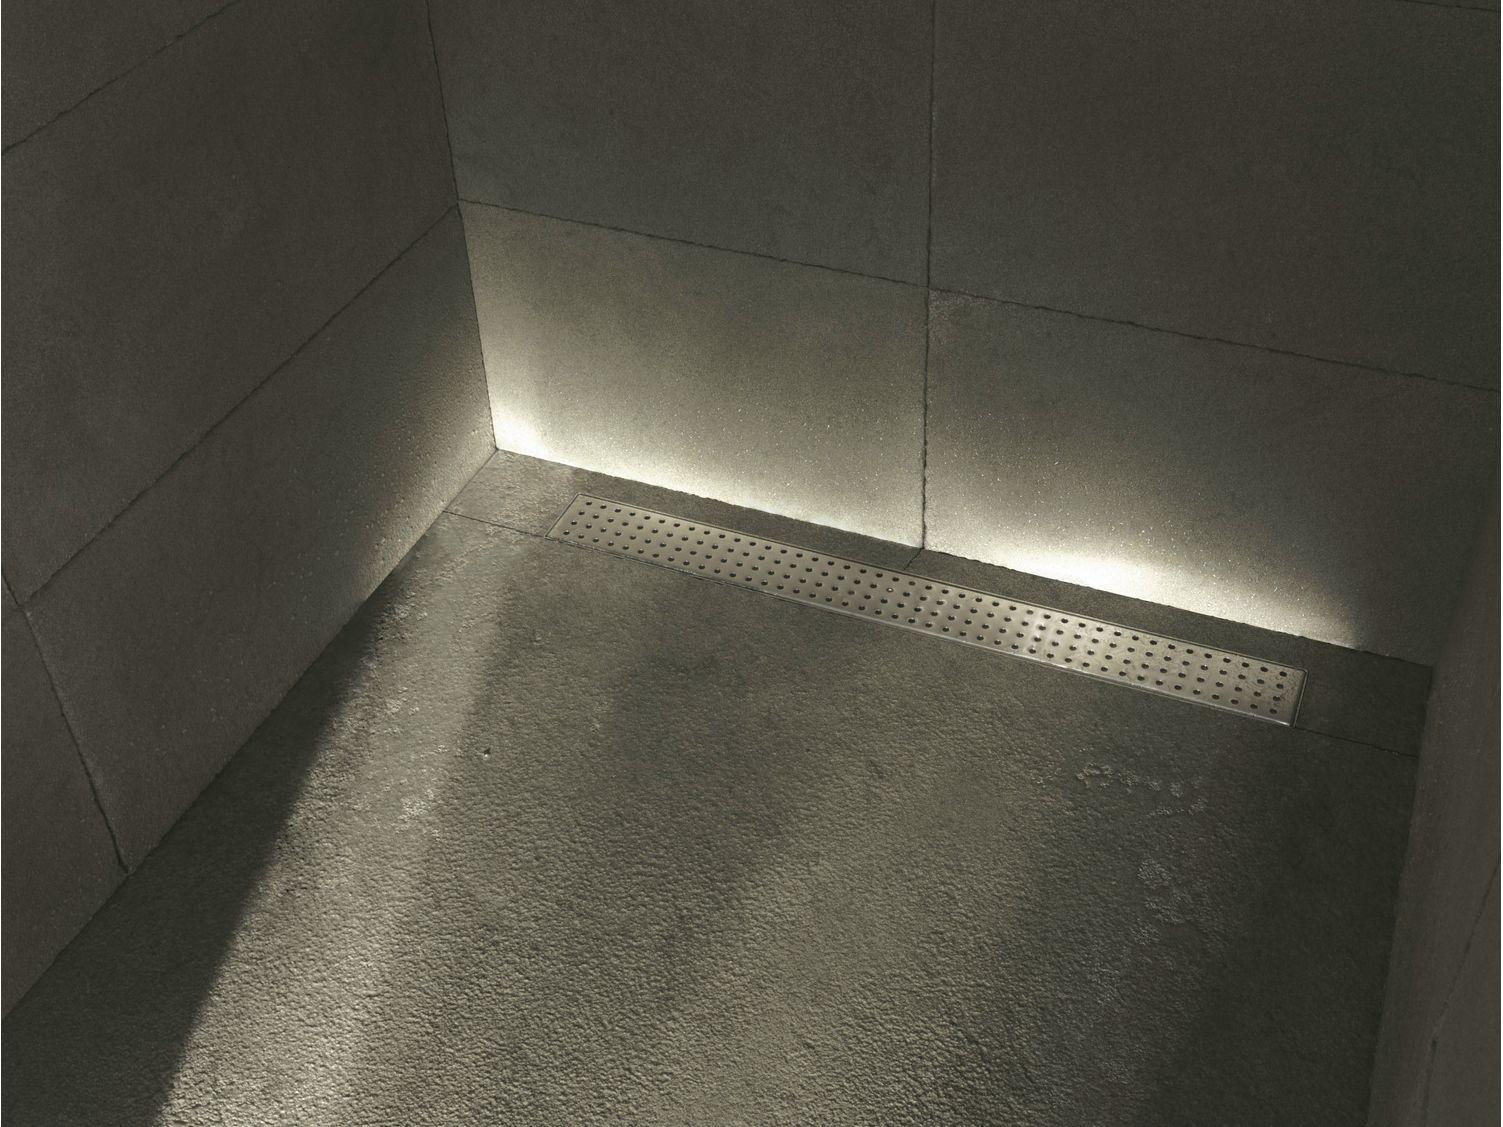 Griglia tondo 770 scarico per doccia in acciaio satinato - Griglie per doccia ...